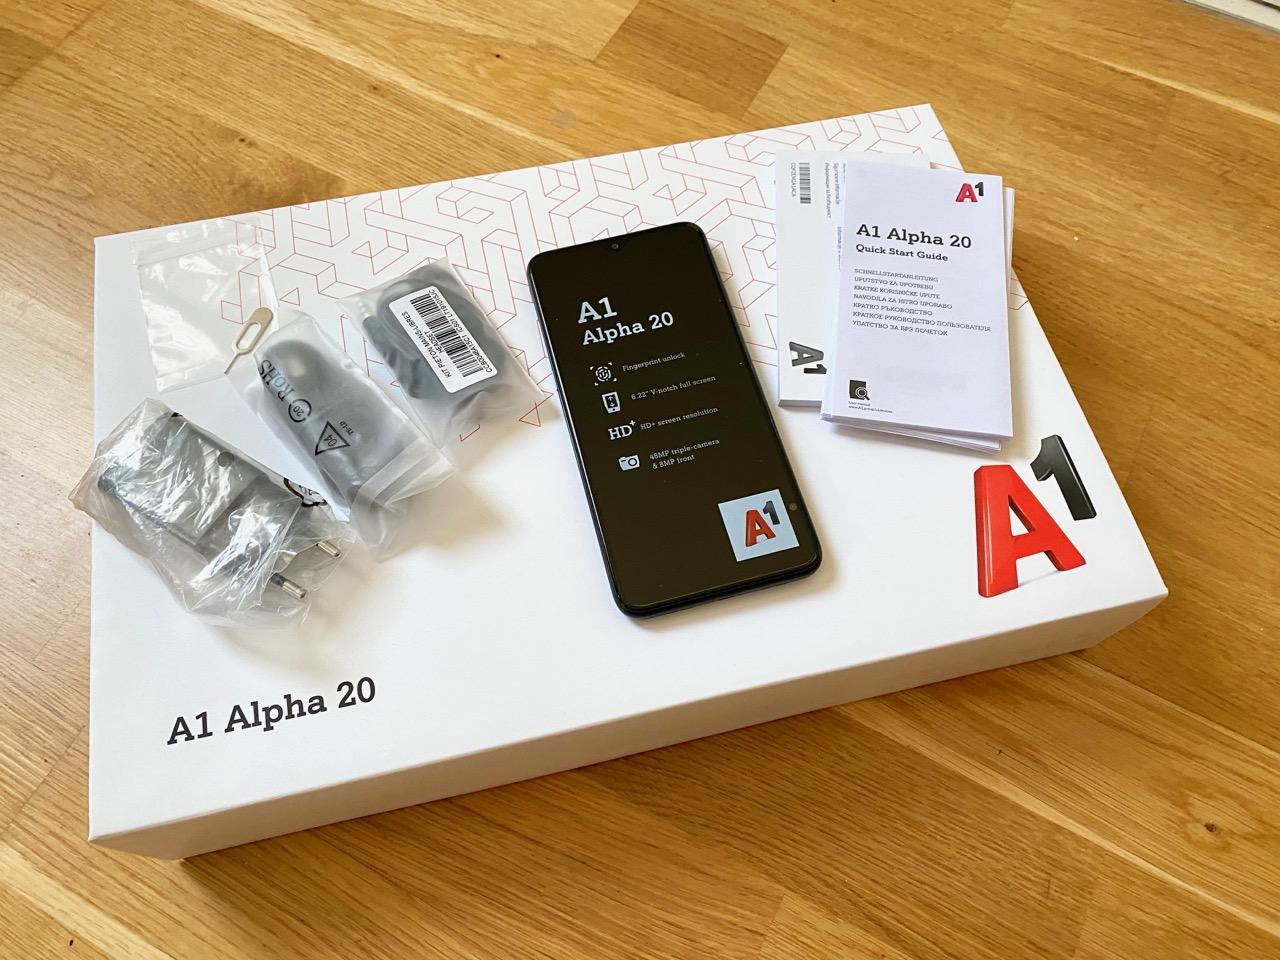 A1 Alpha 20